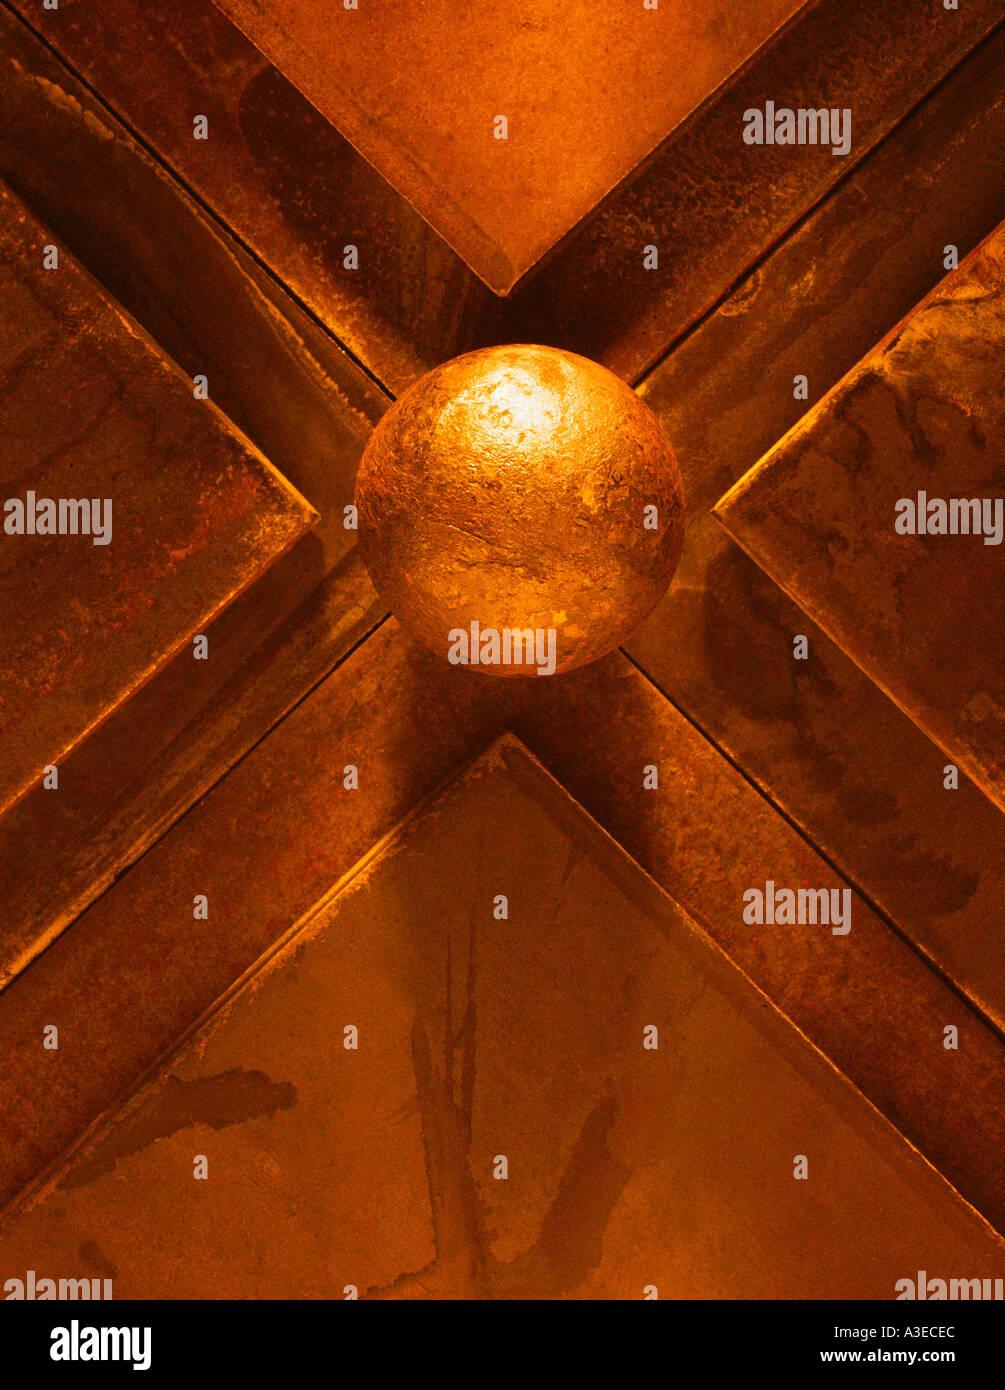 Albero della luce che colpisce geometrica astratta ancora in vita della sfera e triangoli Immagini Stock